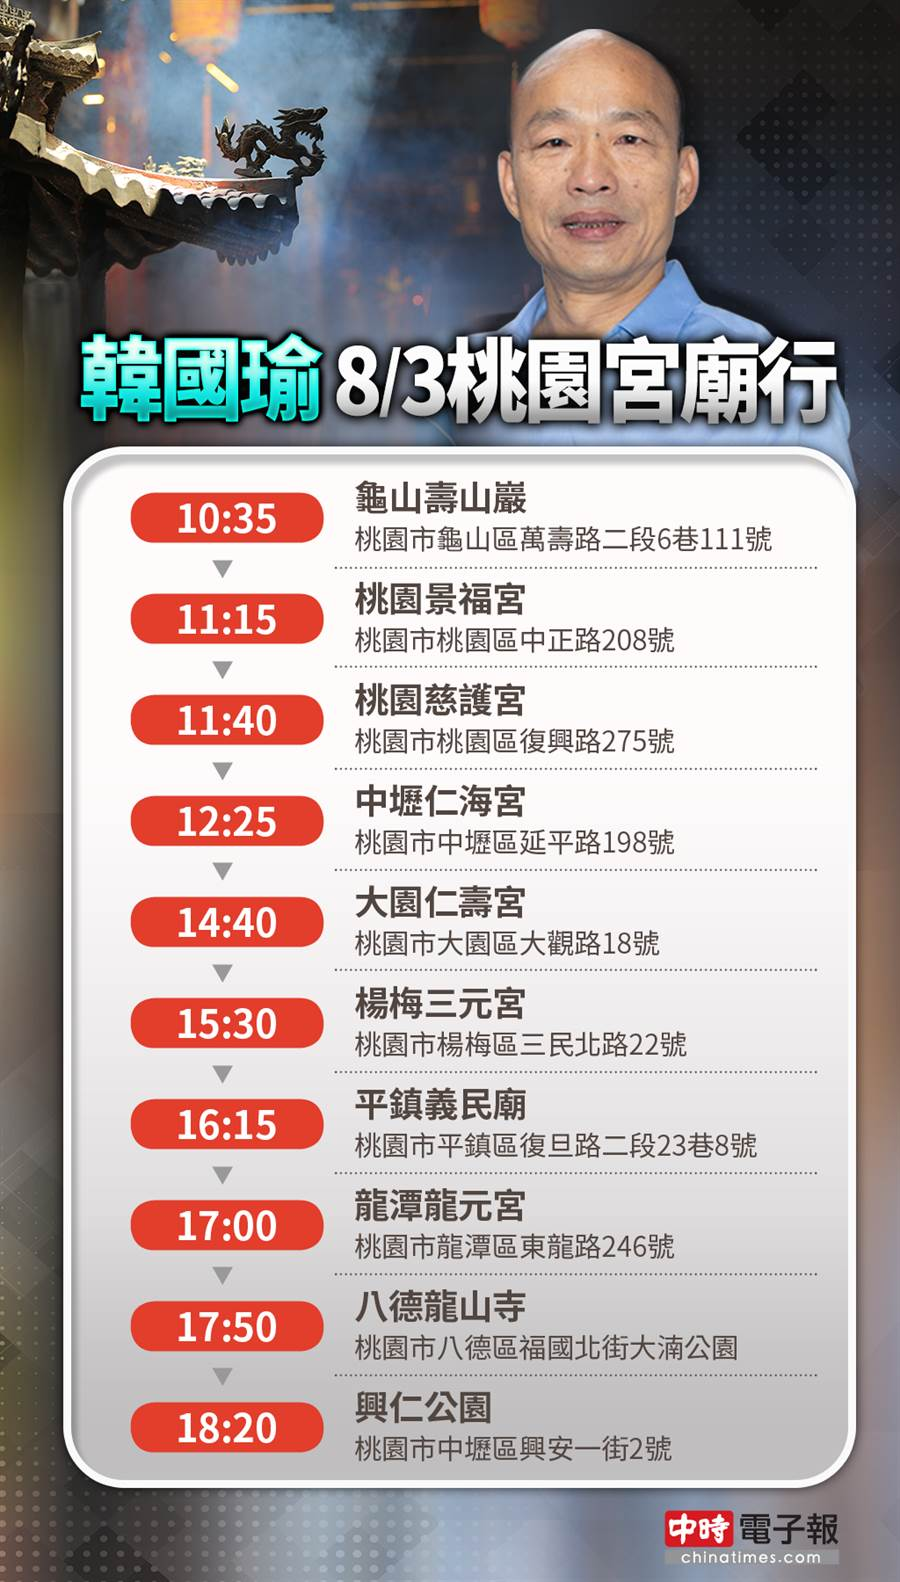 韓國瑜桃園宮廟行程。(製圖/中時電子報)